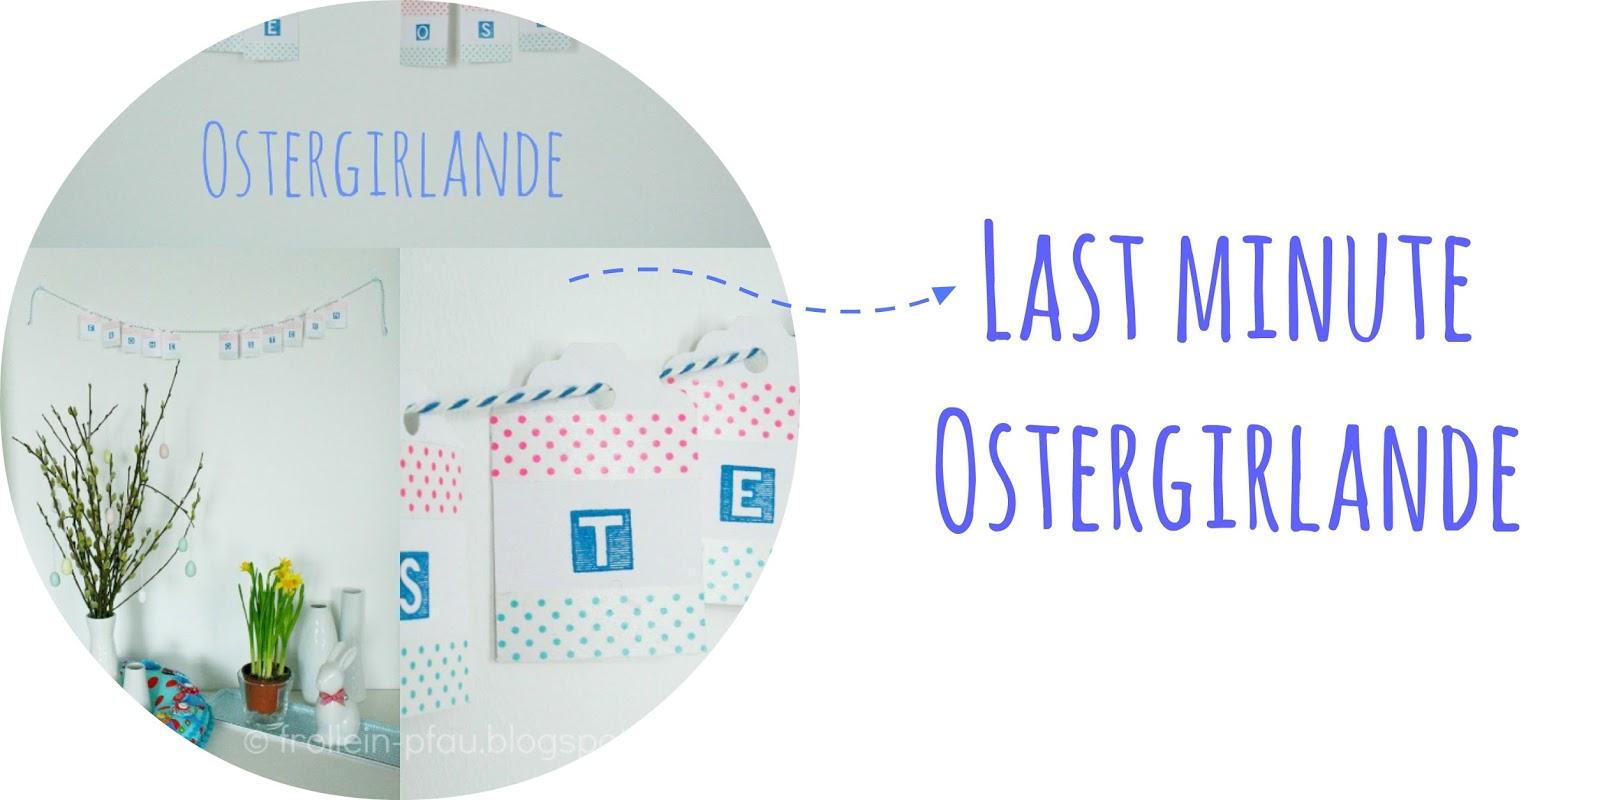 Ostern, Osterdeko, Oster DIY, Bastelideen zu Ostern, Osteridee, DIY, selbstgemacht, Ostergirlande, Etiketten